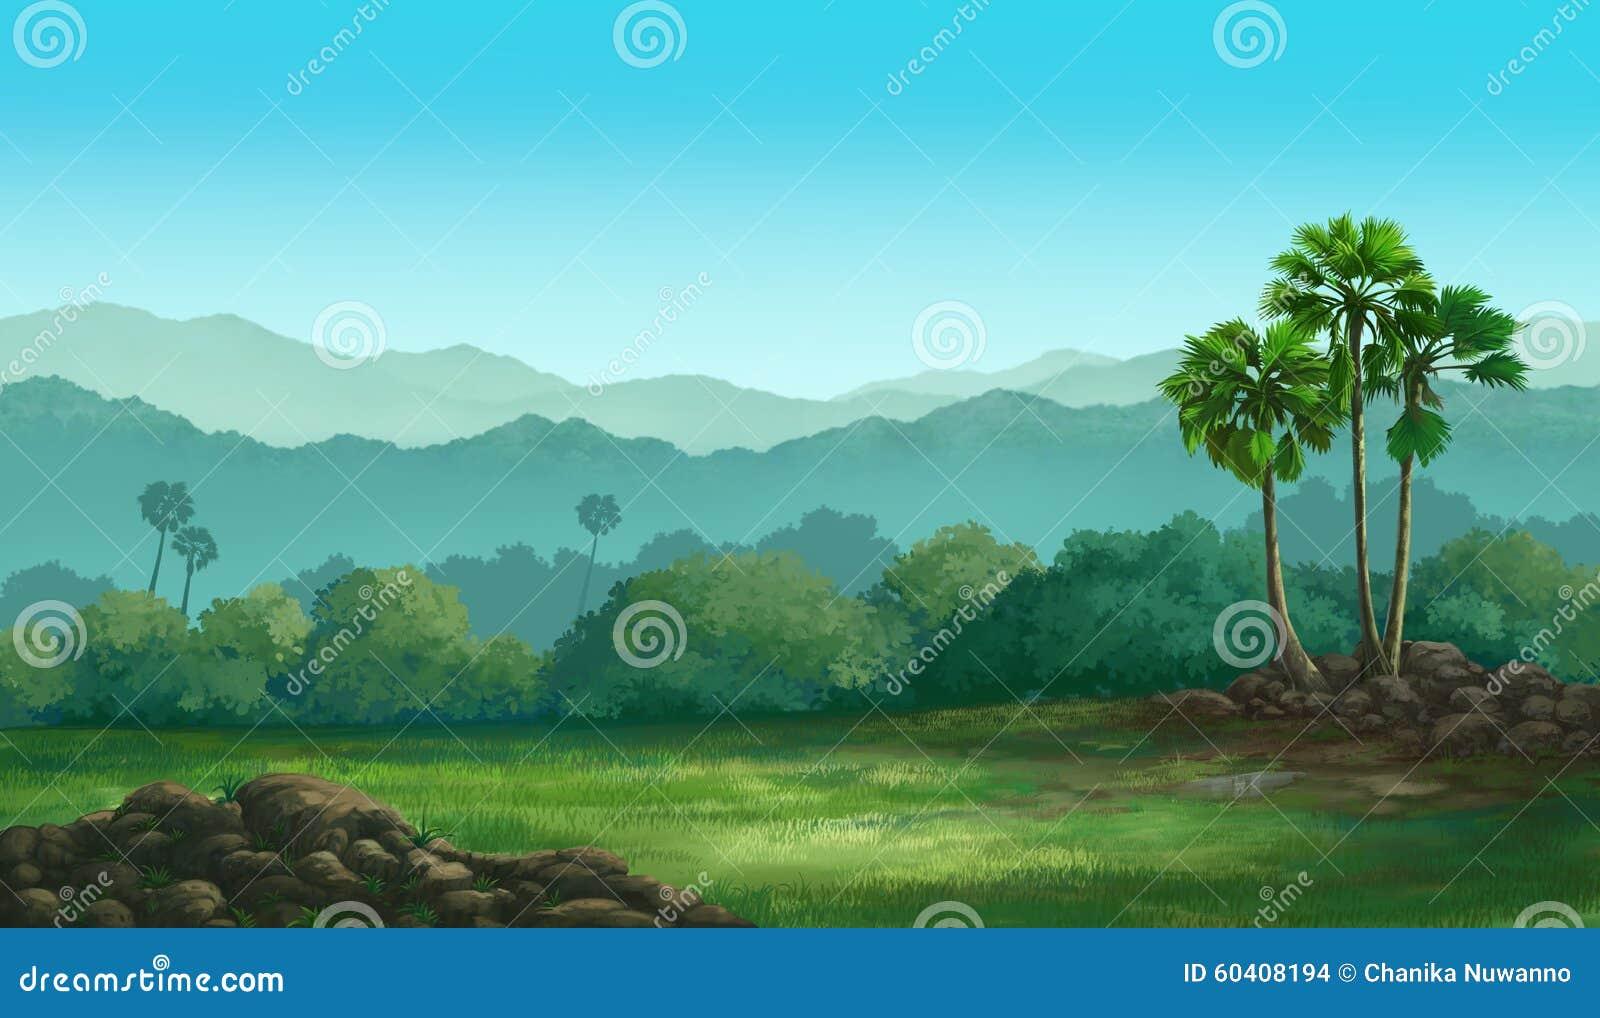 看法扇叶树头榈棕榈